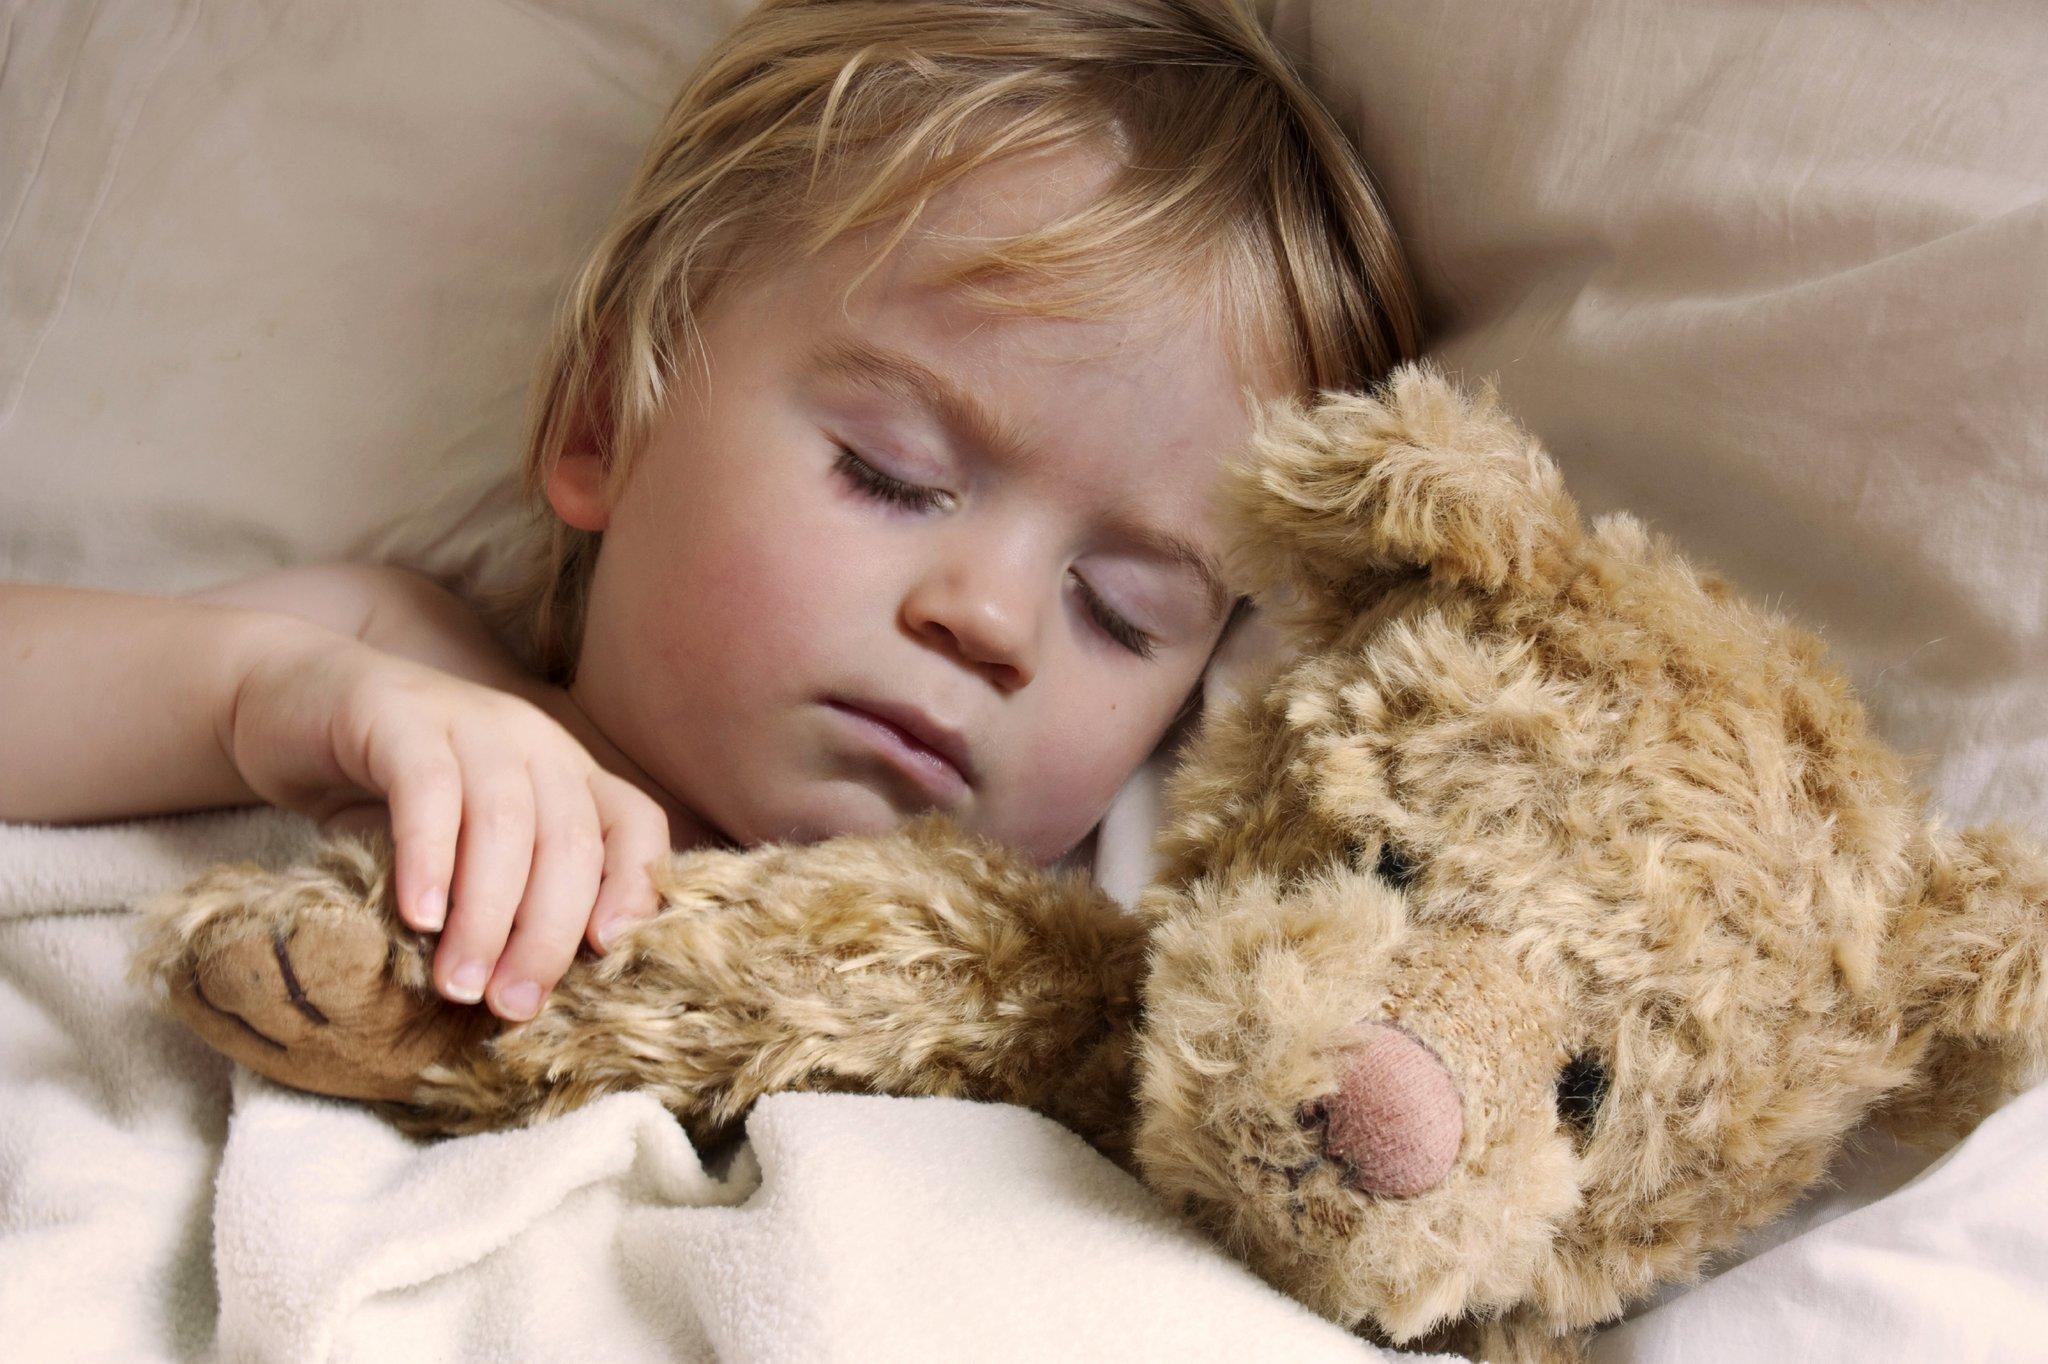 Ребёнок спит с заговоренным мишкой